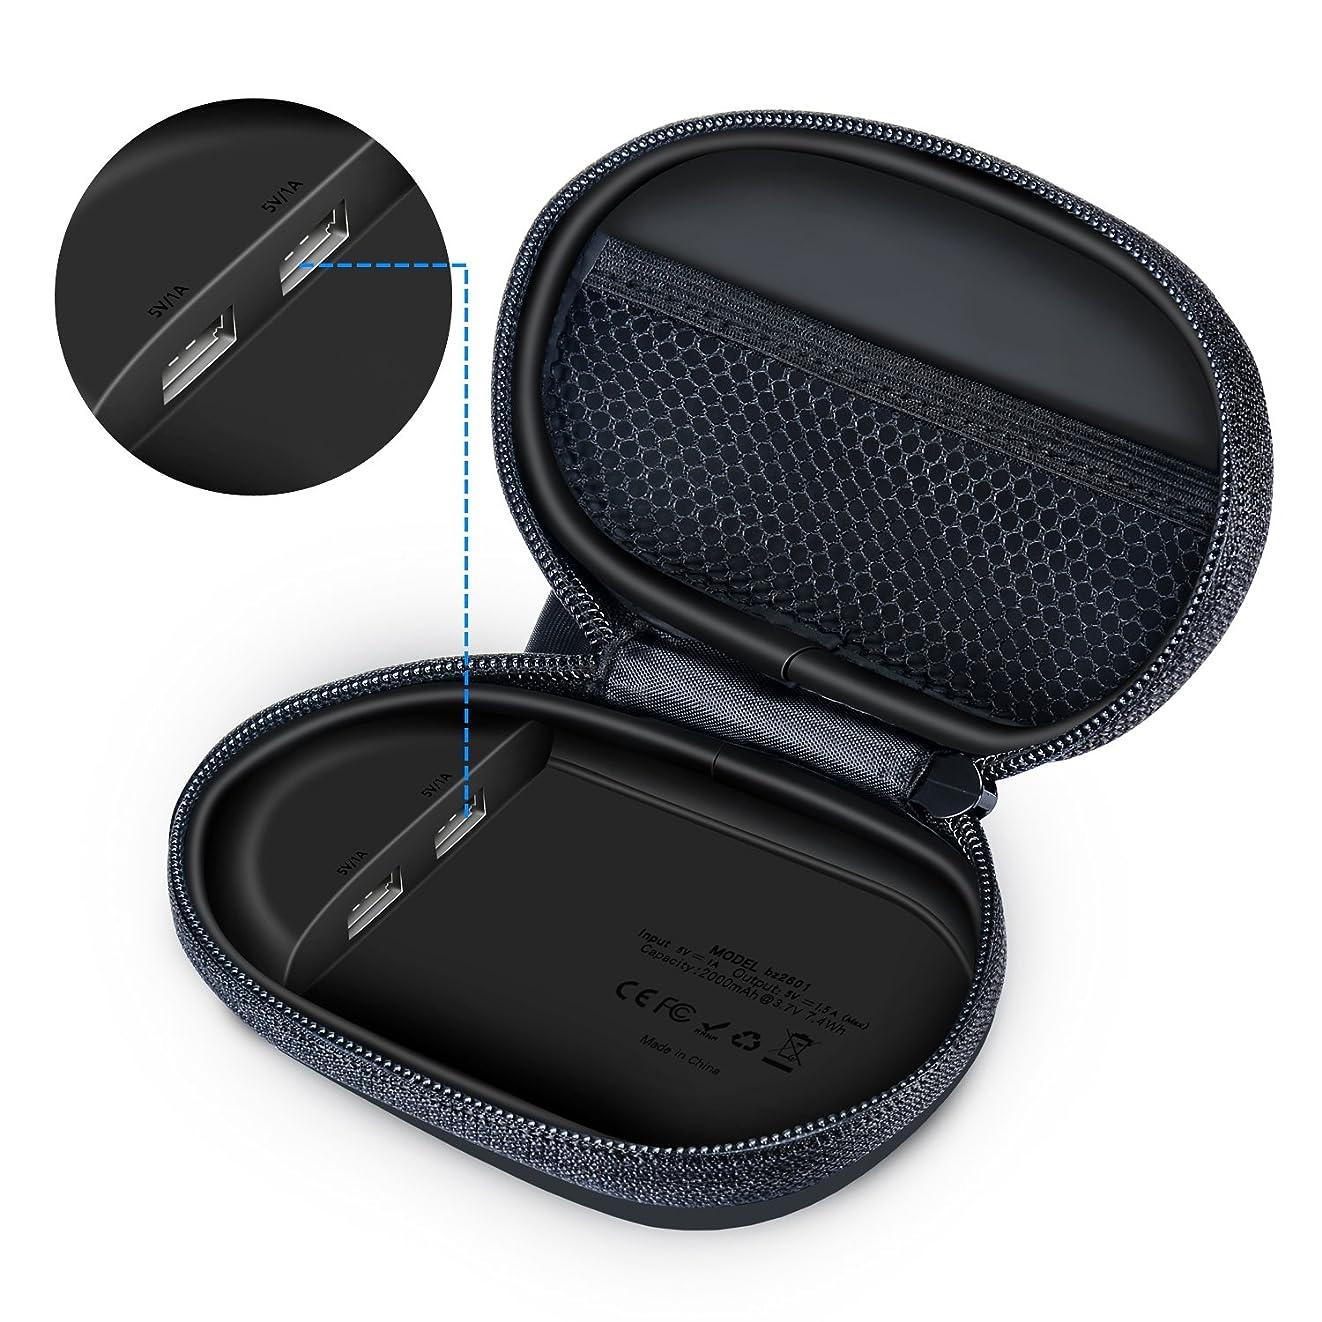 コンパニオン量で申請者Gubest For JBL UA Heart Rate 充電器 収納ケース PowerBeats 3 BeatsX ワイヤレスヘッドフォン 対応 キャリングケース 充電ケース